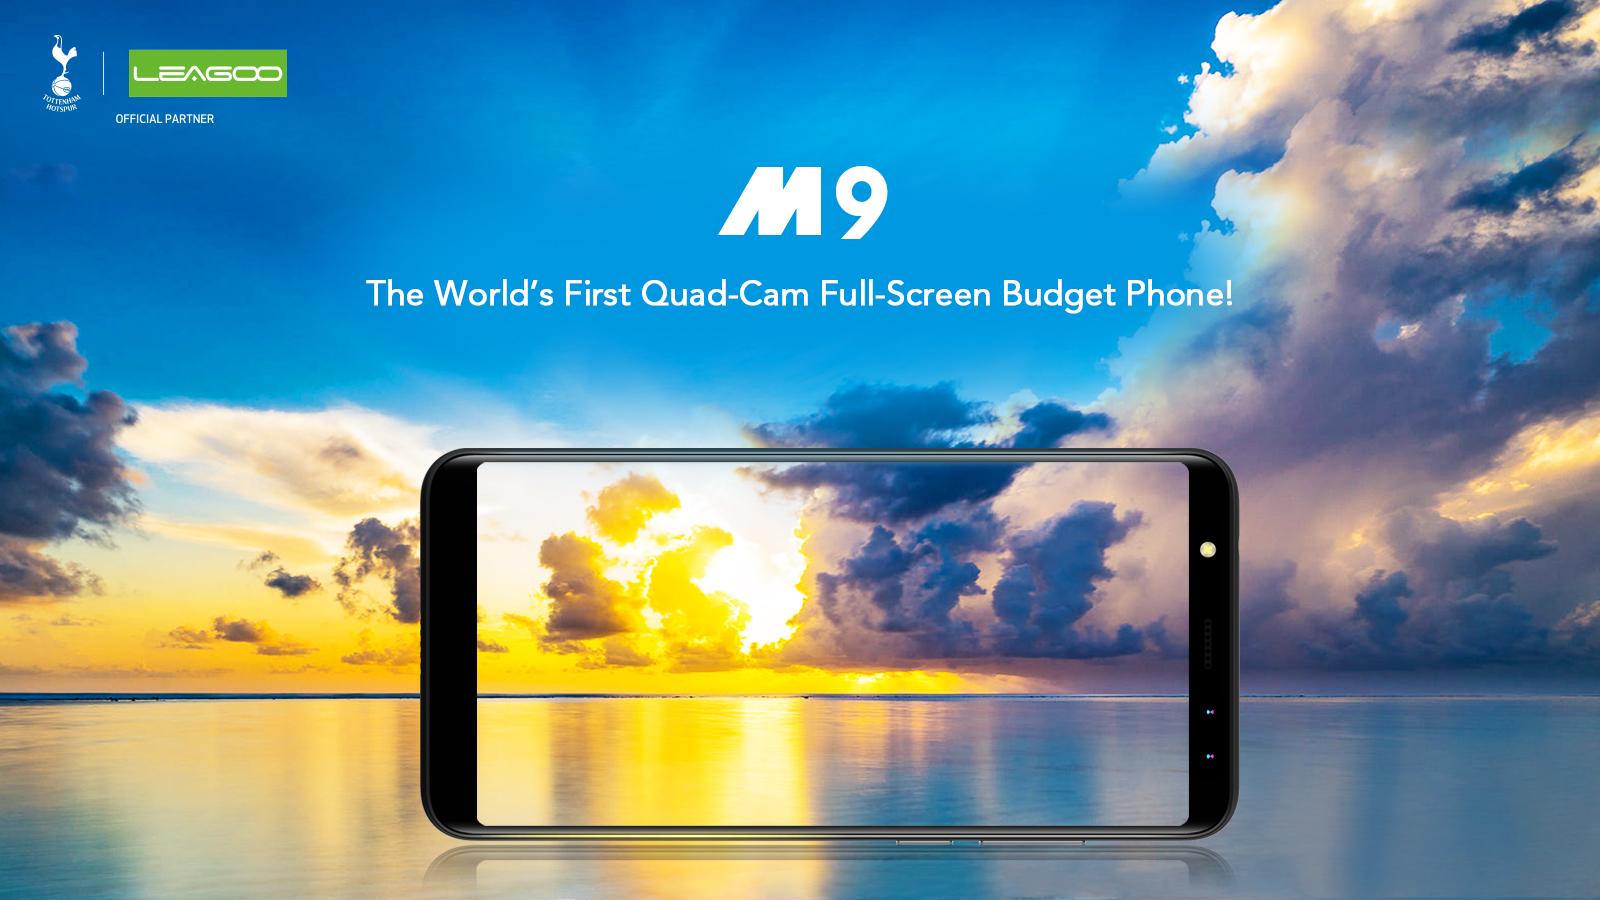 Полноэкранный смартфон Leagoo M9 с4 камерами будет стоить 80 долларов